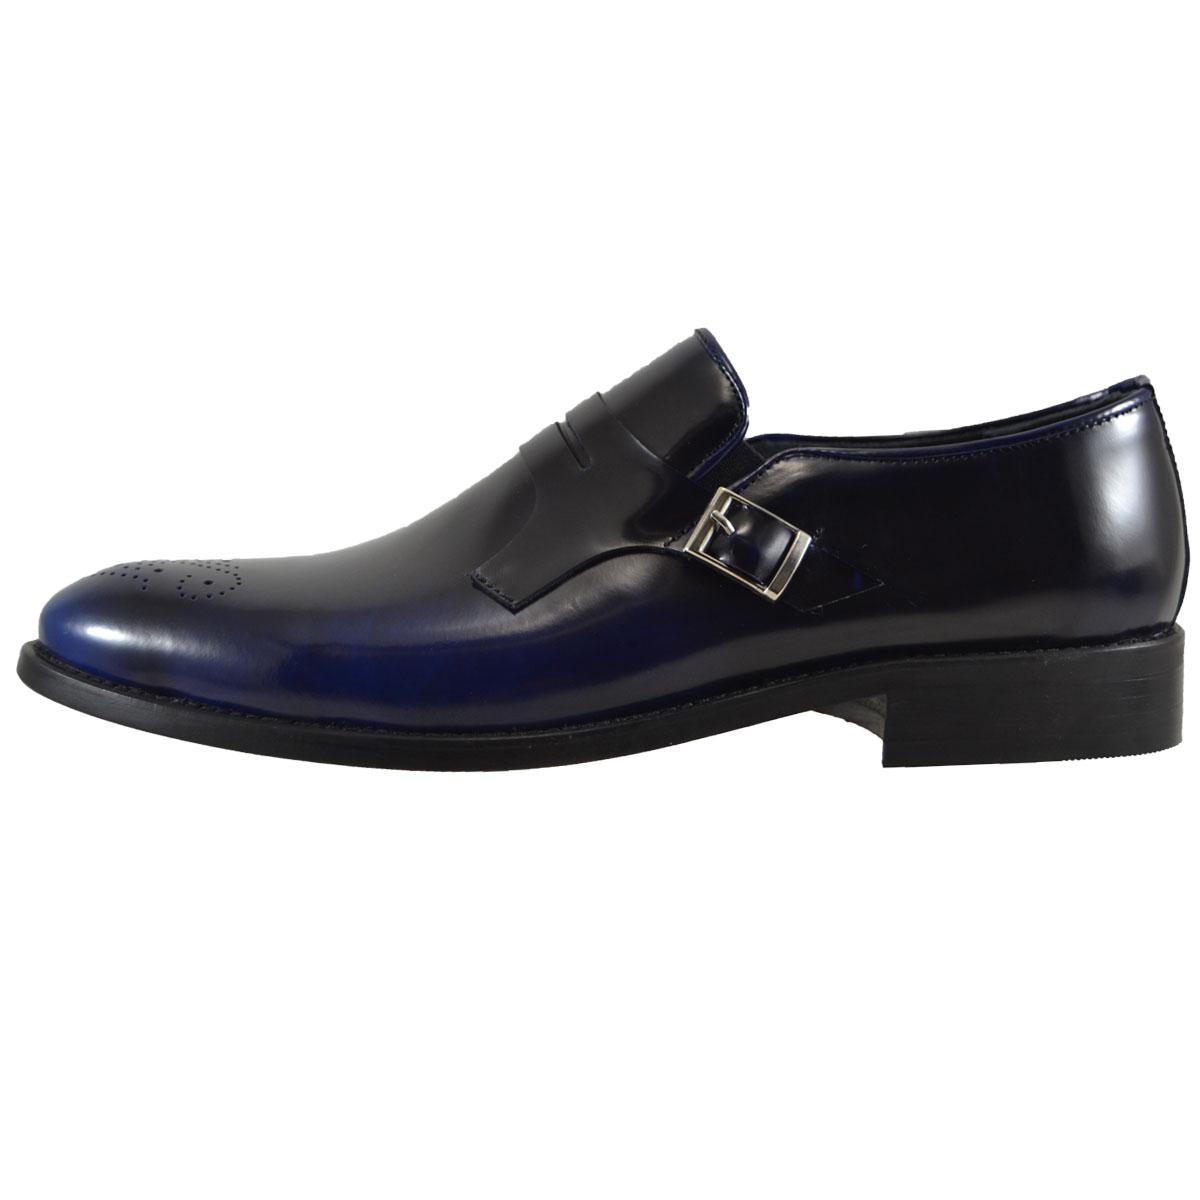 کفش مردانه کد 269             , خرید اینترنتی